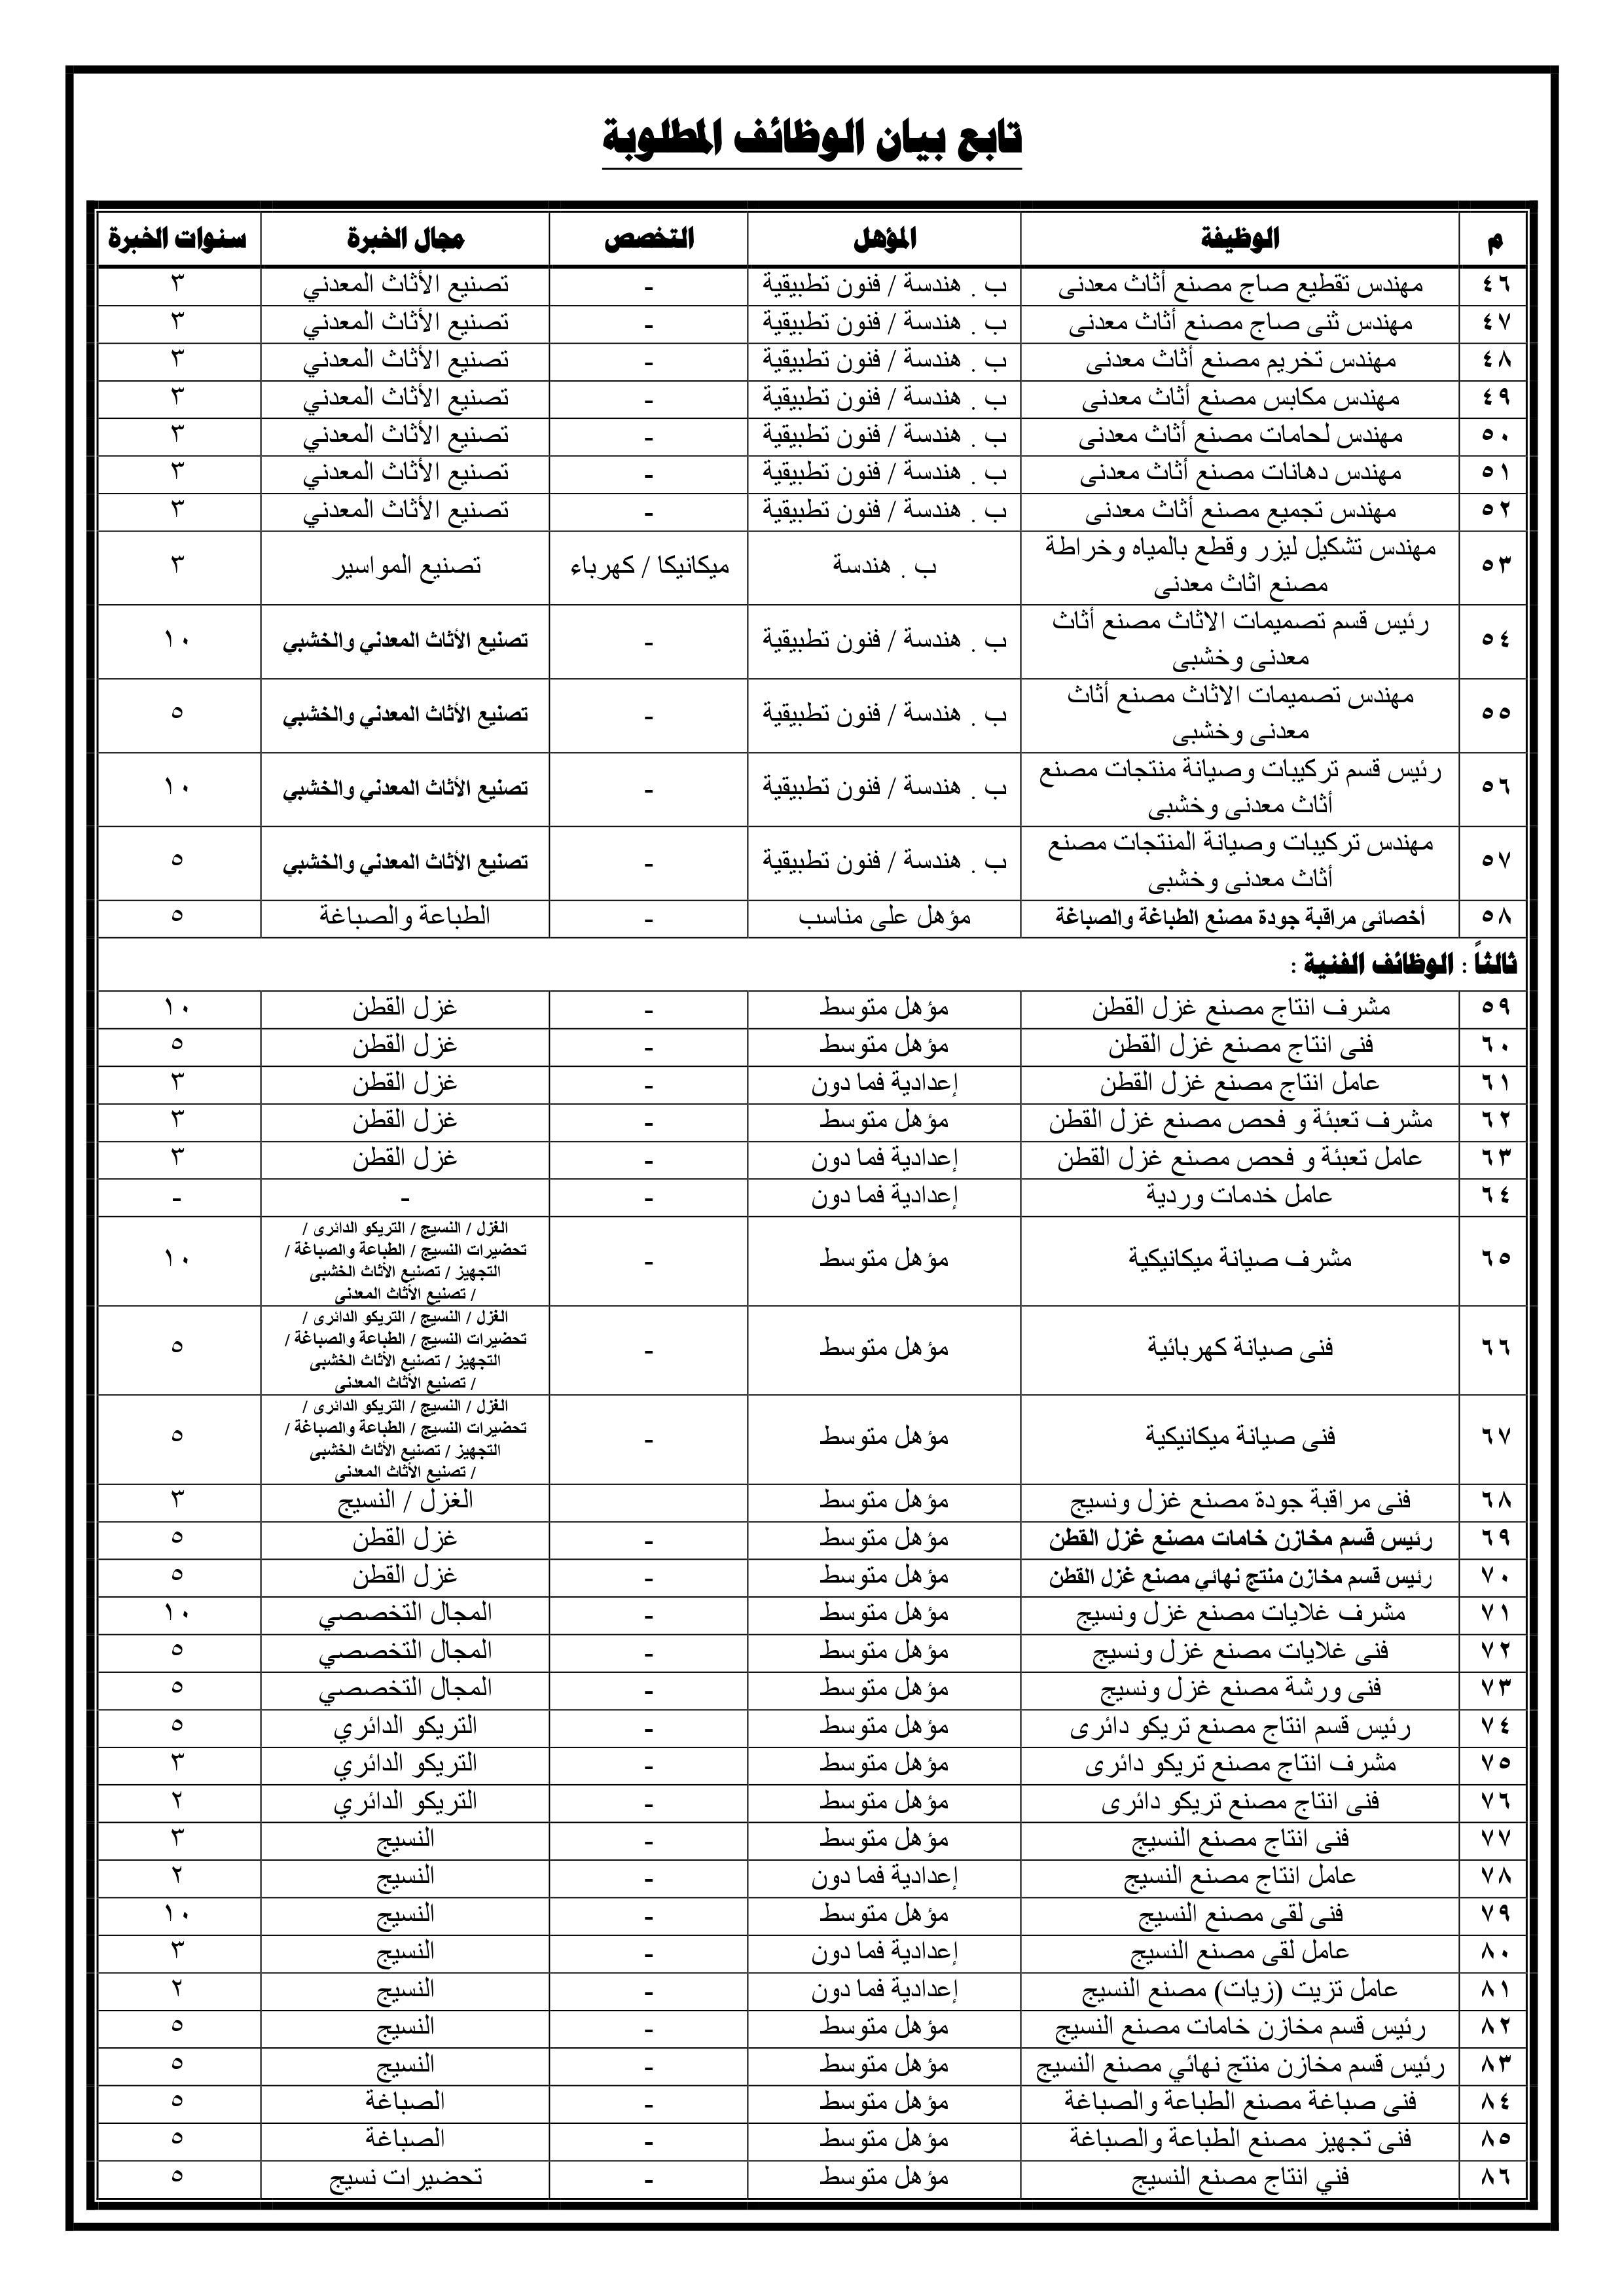 وظائف جهاز مشروعات الخدمة الوطنية 2019 3